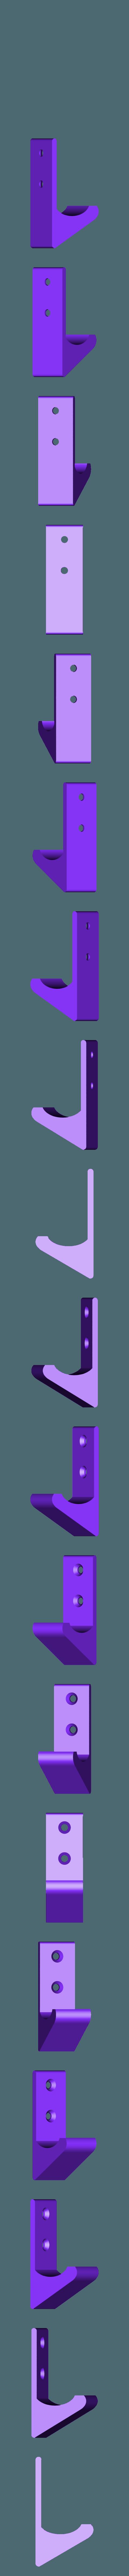 WandHaken.stl Download free STL file Wall Hook (customizable) • Model to 3D print, dede67